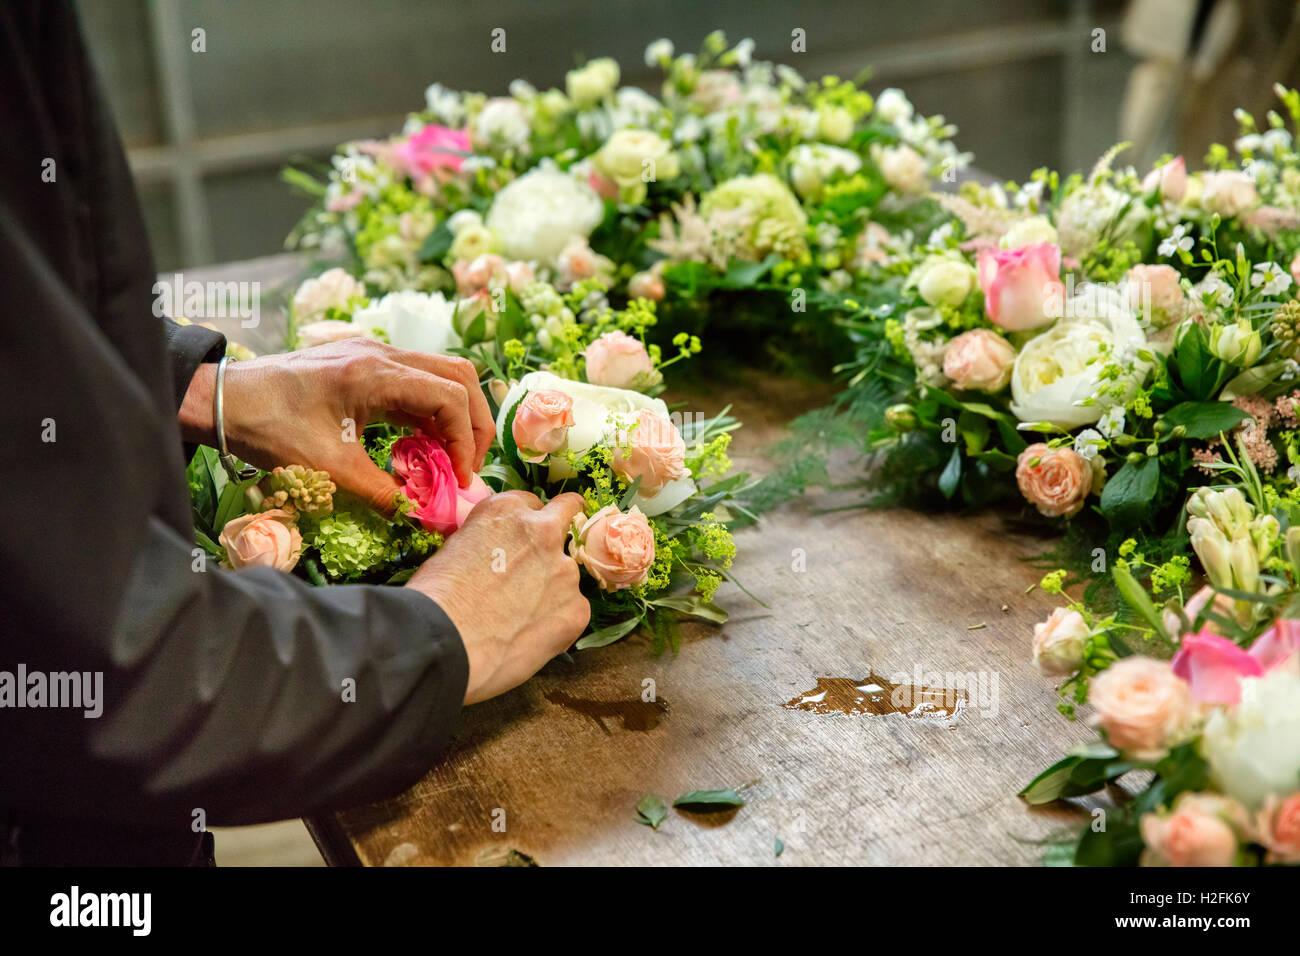 Commerciali disponendo dei fiori. Un fiorista, una donna che lavora su una decorazione floreale in corrispondenza Immagini Stock